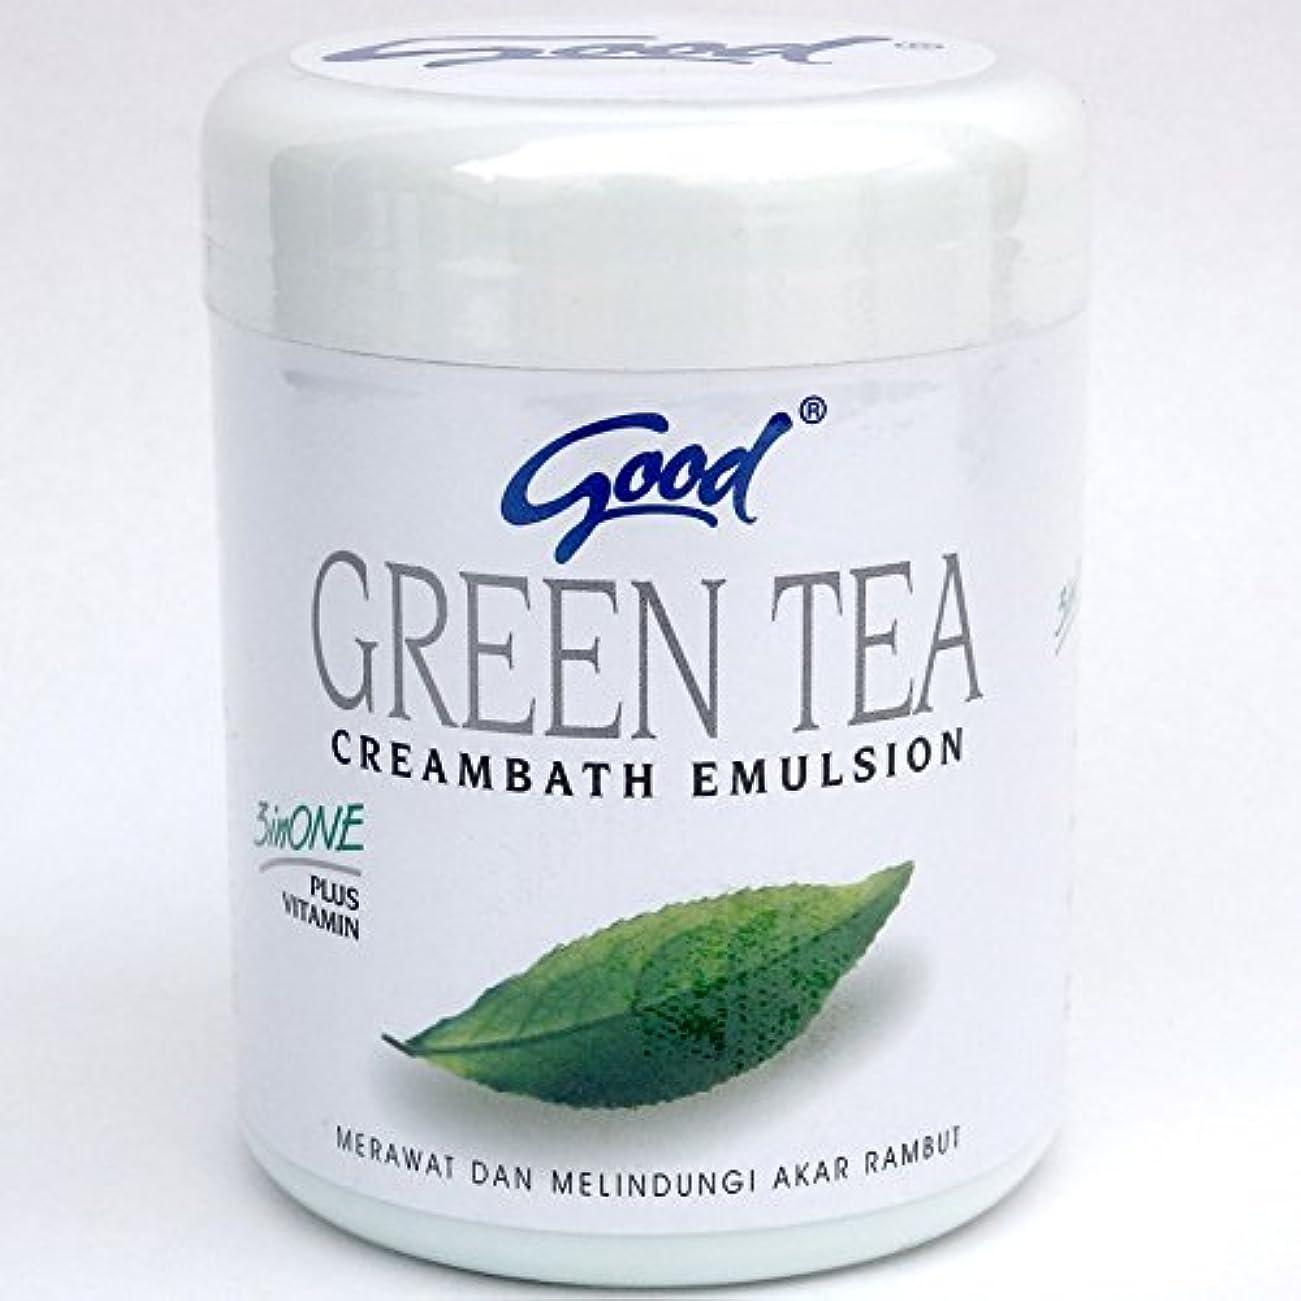 どこにも私達時系列good グッド インドネシアバリ島の伝統的なヘッドスパクリーム Creambath Emulsion クリームバス エマルション 680g GreenTea グリーンティー [海外直送品]